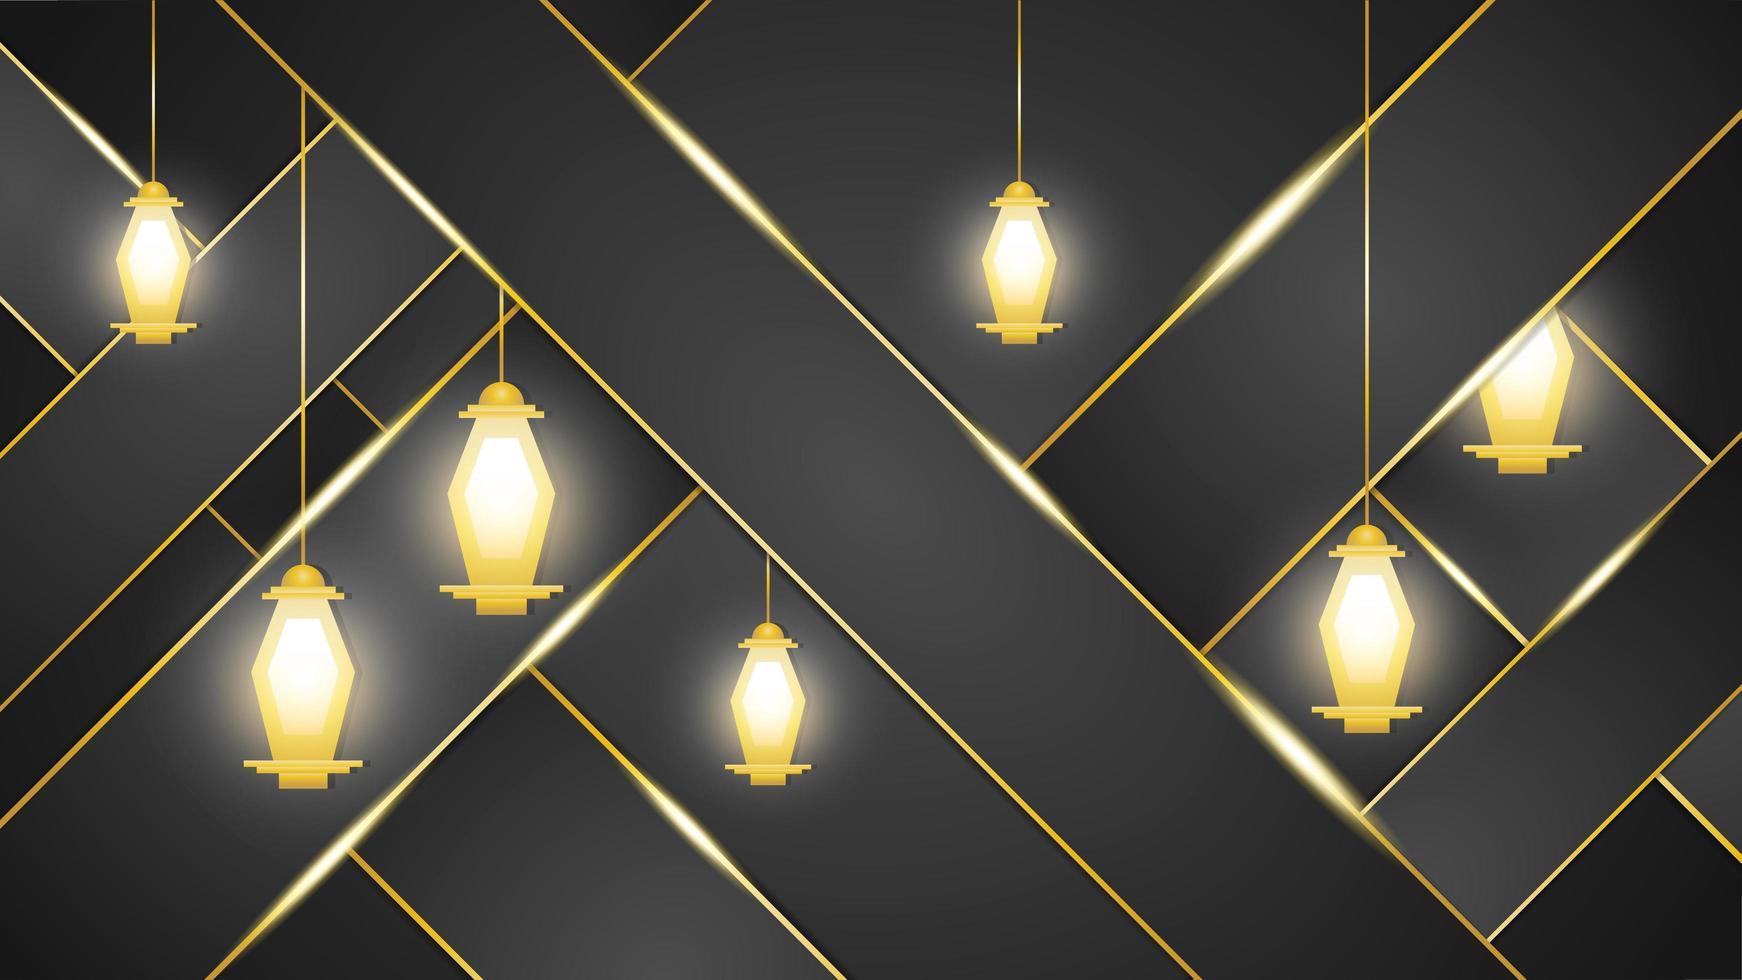 fundo escuro com lanternas árabes douradas vetor